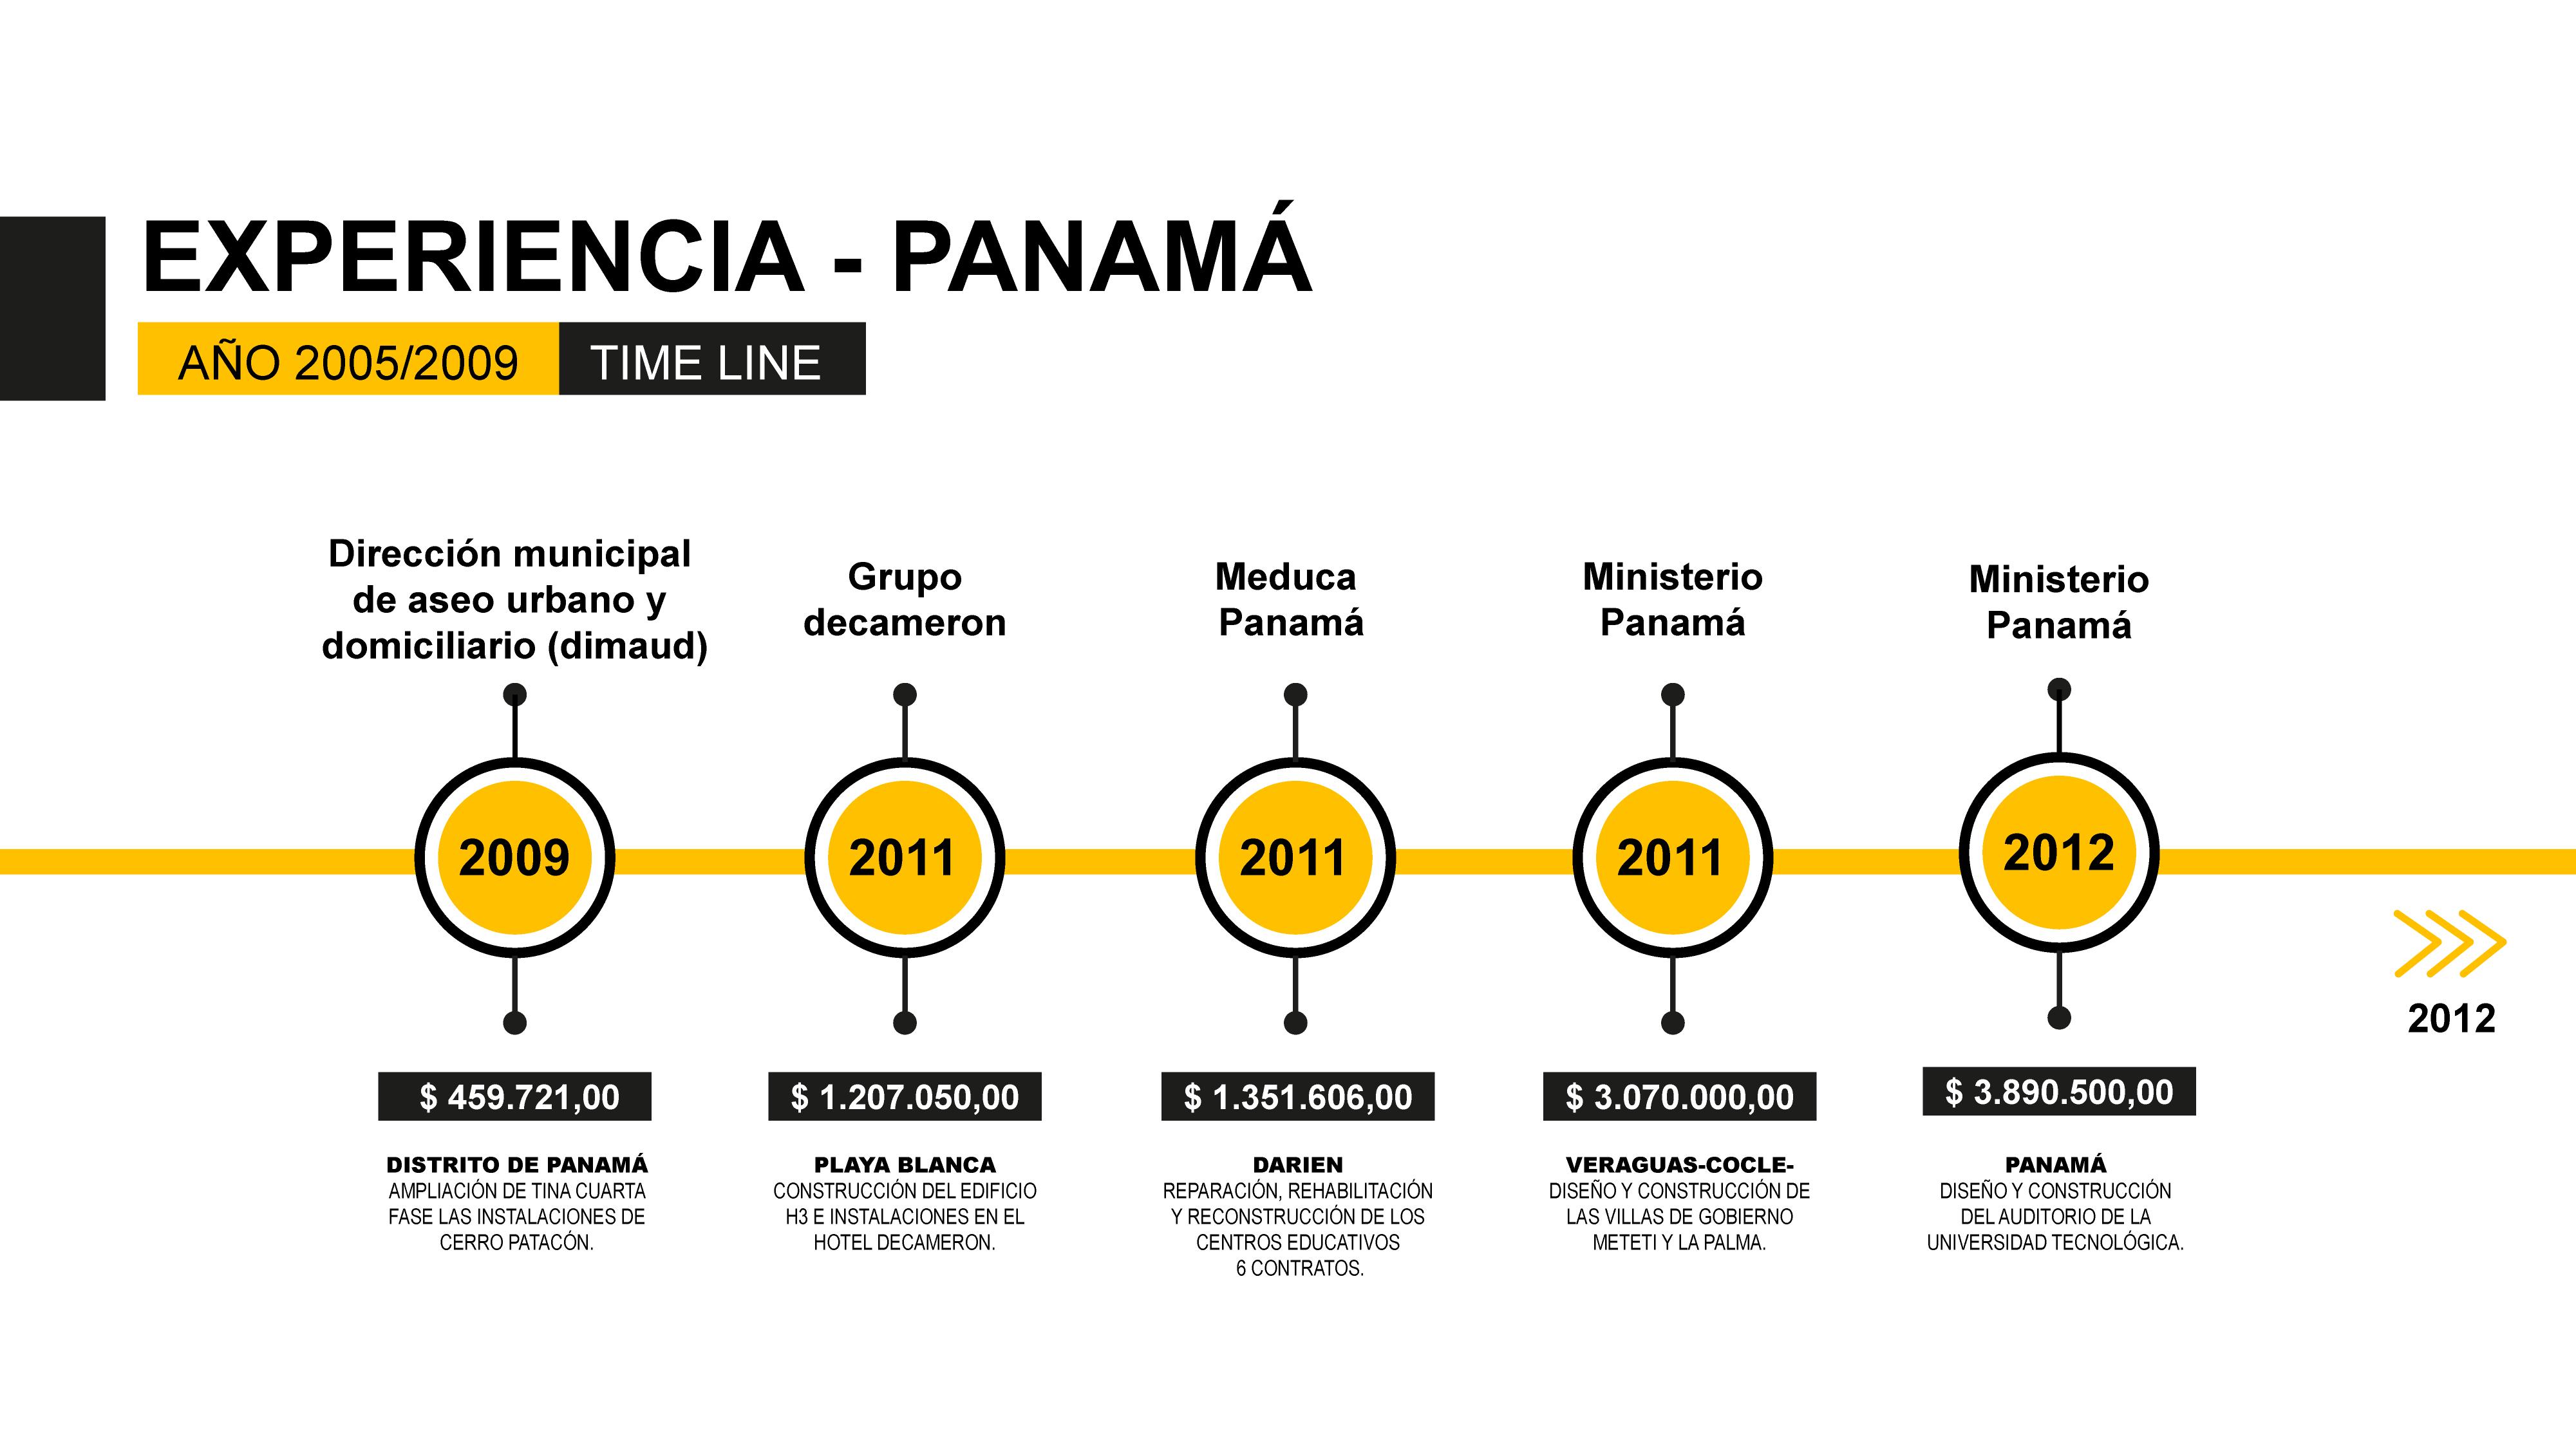 3 PANAMA